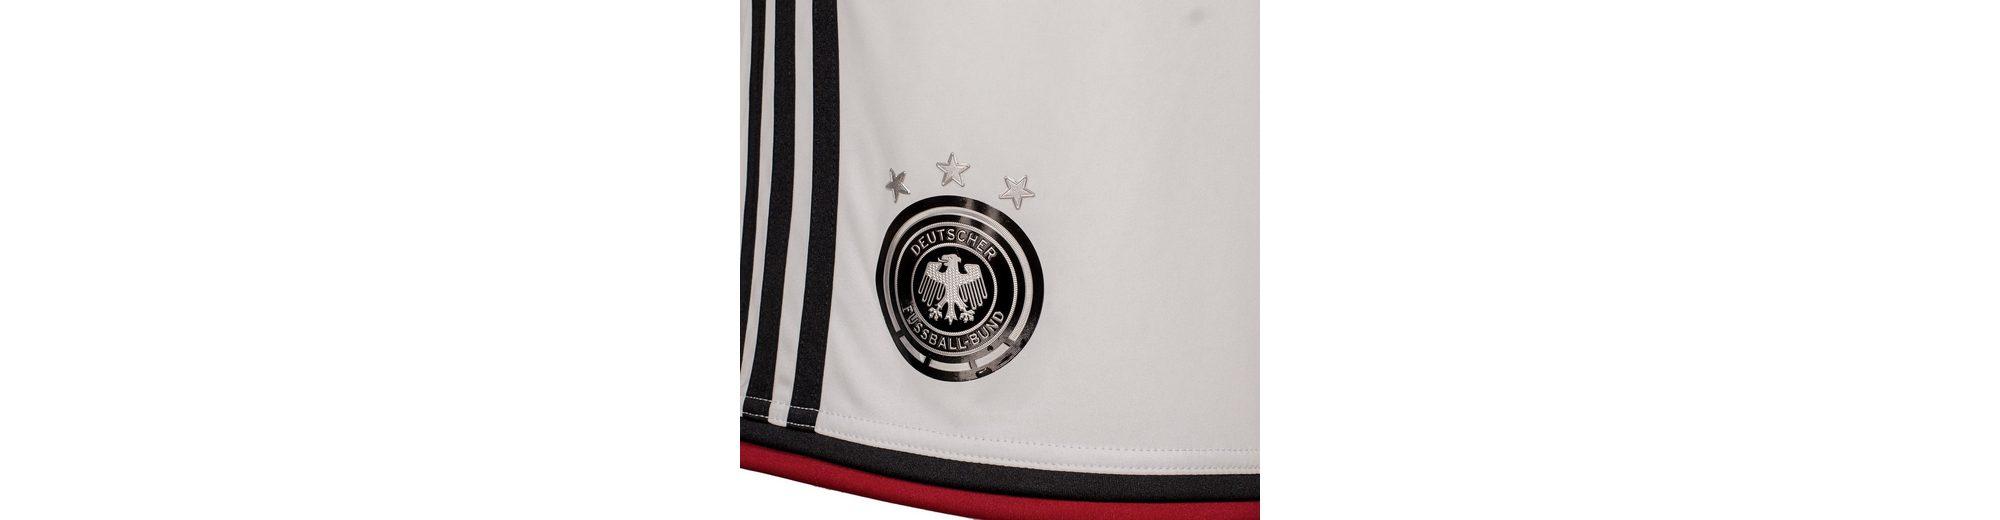 Bester Verkauf Günstig Online Offizielle Zum Verkauf adidas Performance DFB Short Home WM 2014 Herren Verkauf Echten U02M0Stb